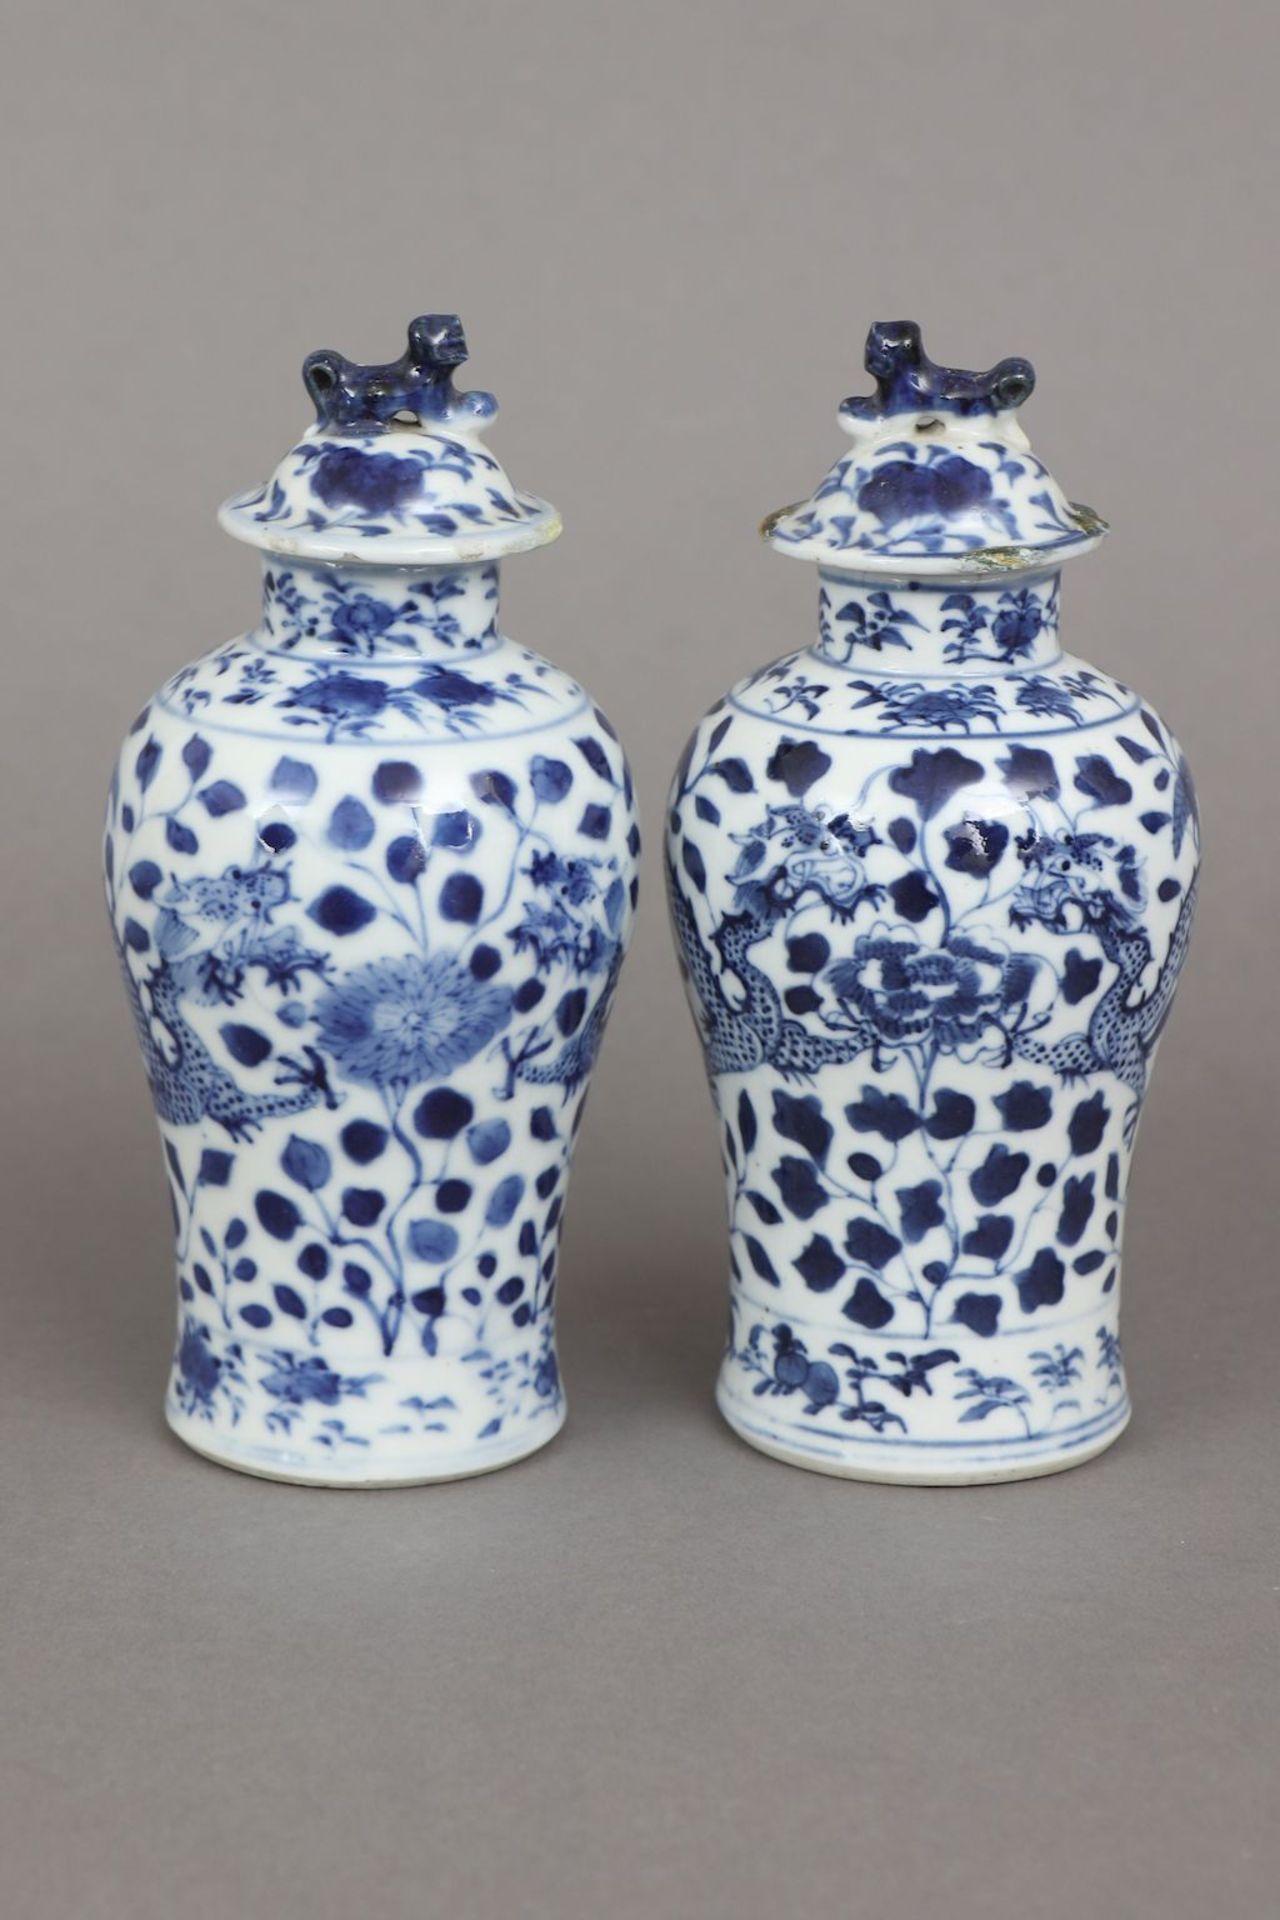 2 chinesische Deckelvasen mit Blaumalerei